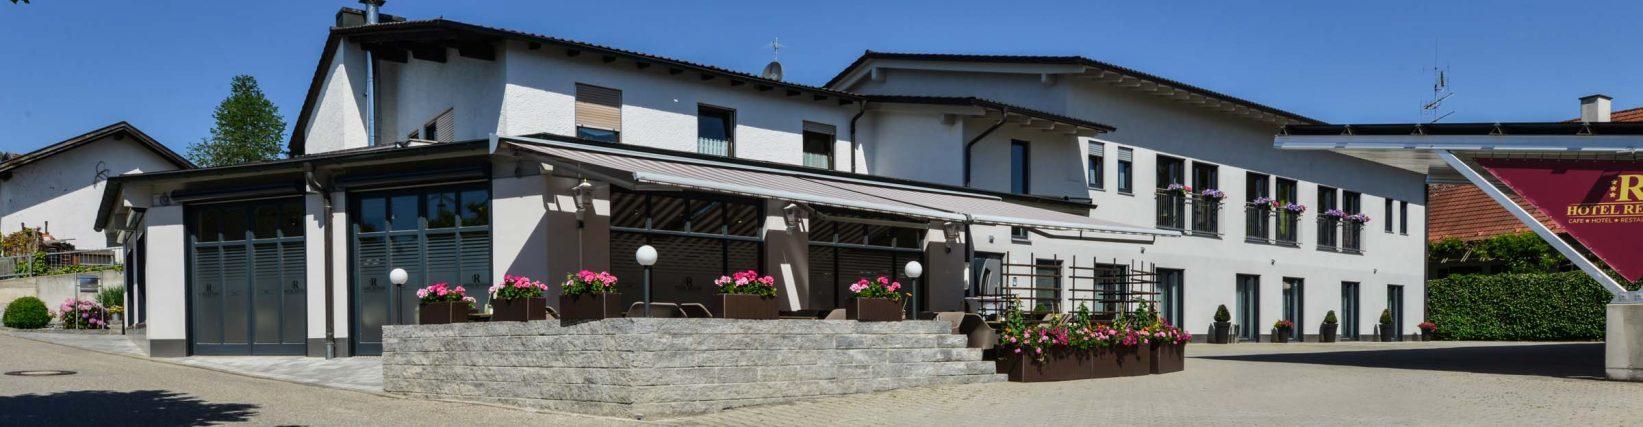 Hotel Renner Buchbach Außenansicht